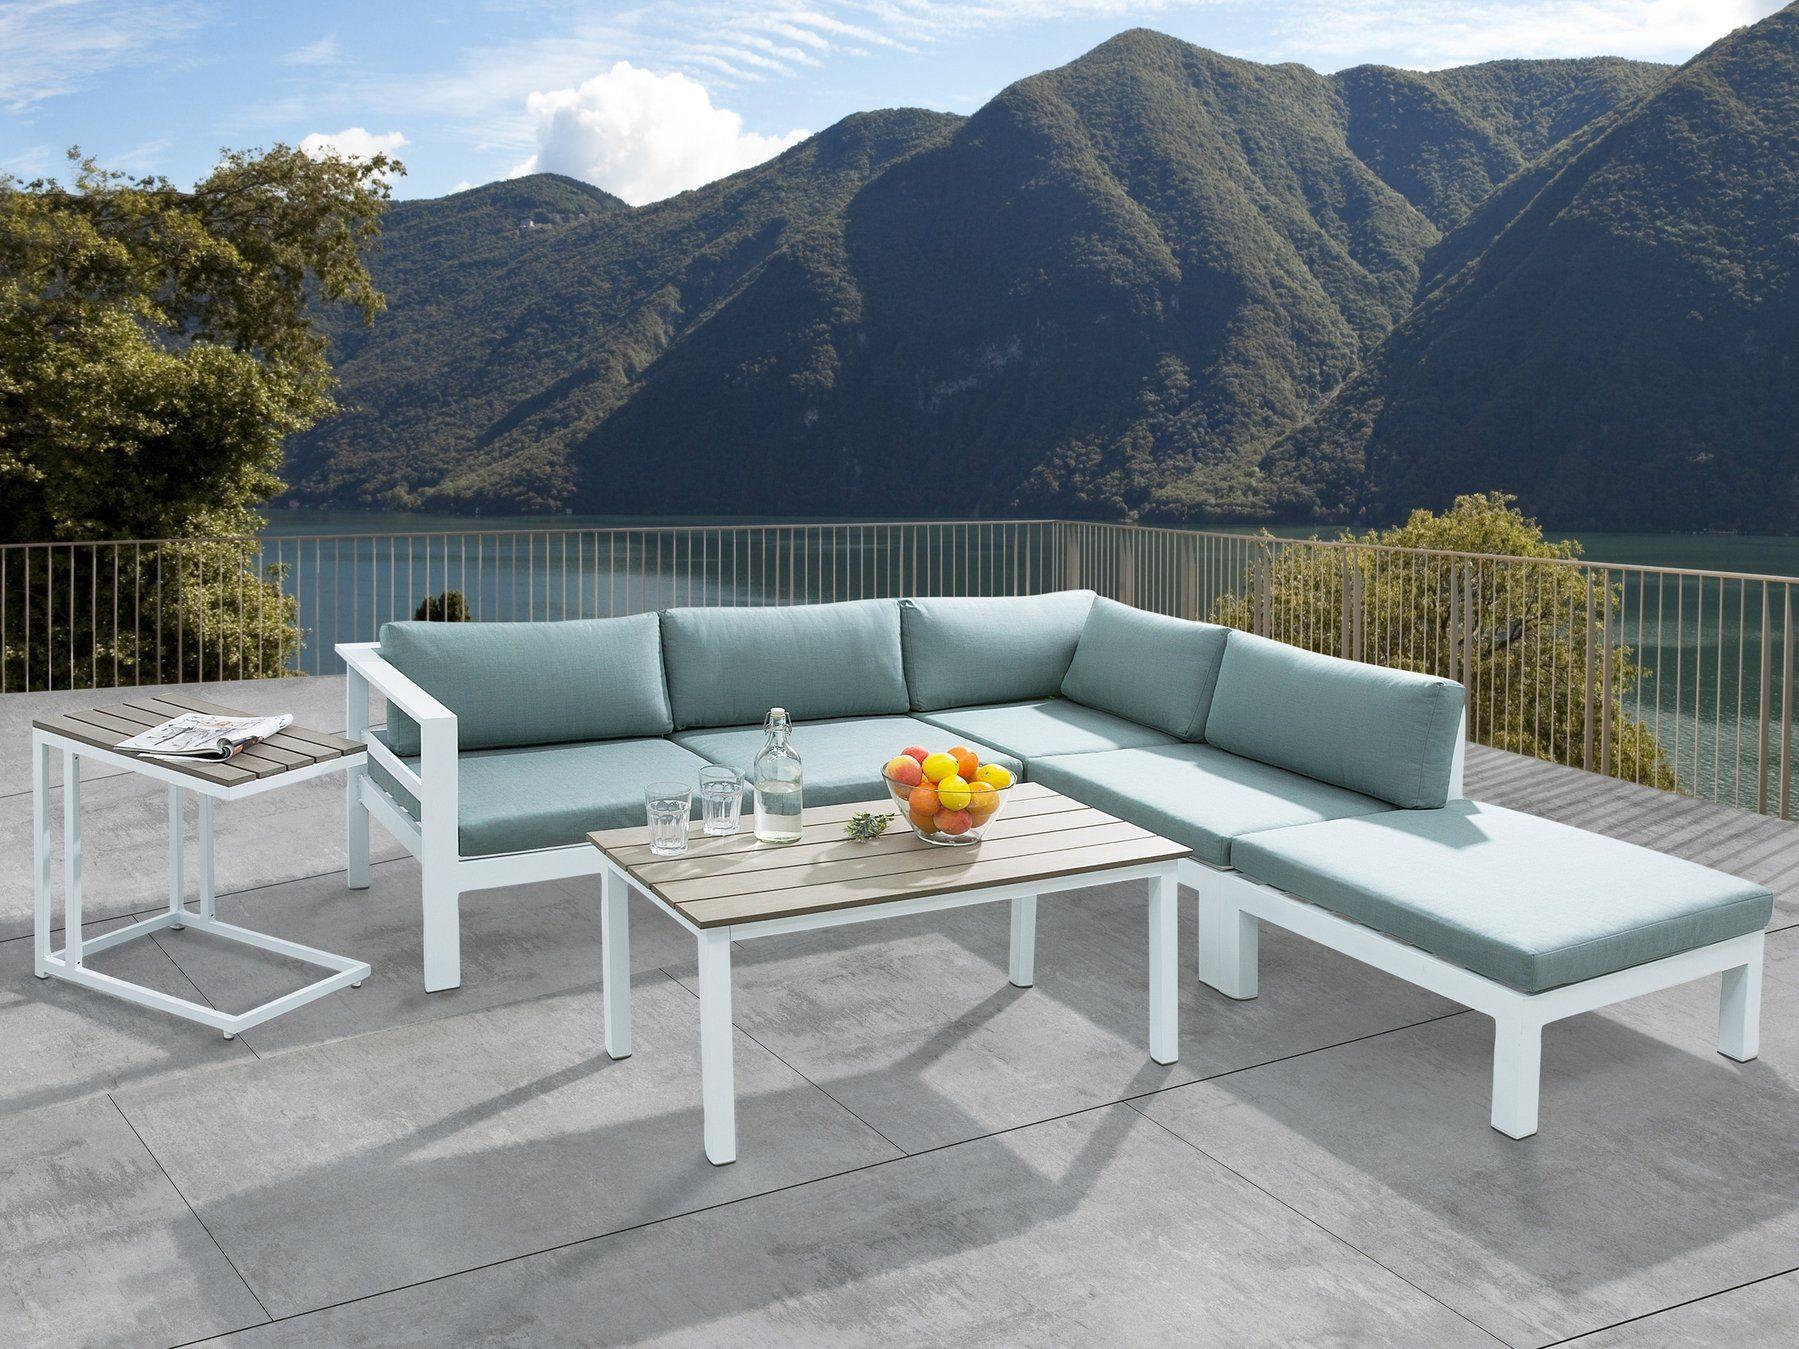 Meble Ogrodowe Białe – Tarasowe – Stół + Sofa + Podnóżek In Messina Garden Stools Set (Set Of 2) (View 8 of 25)